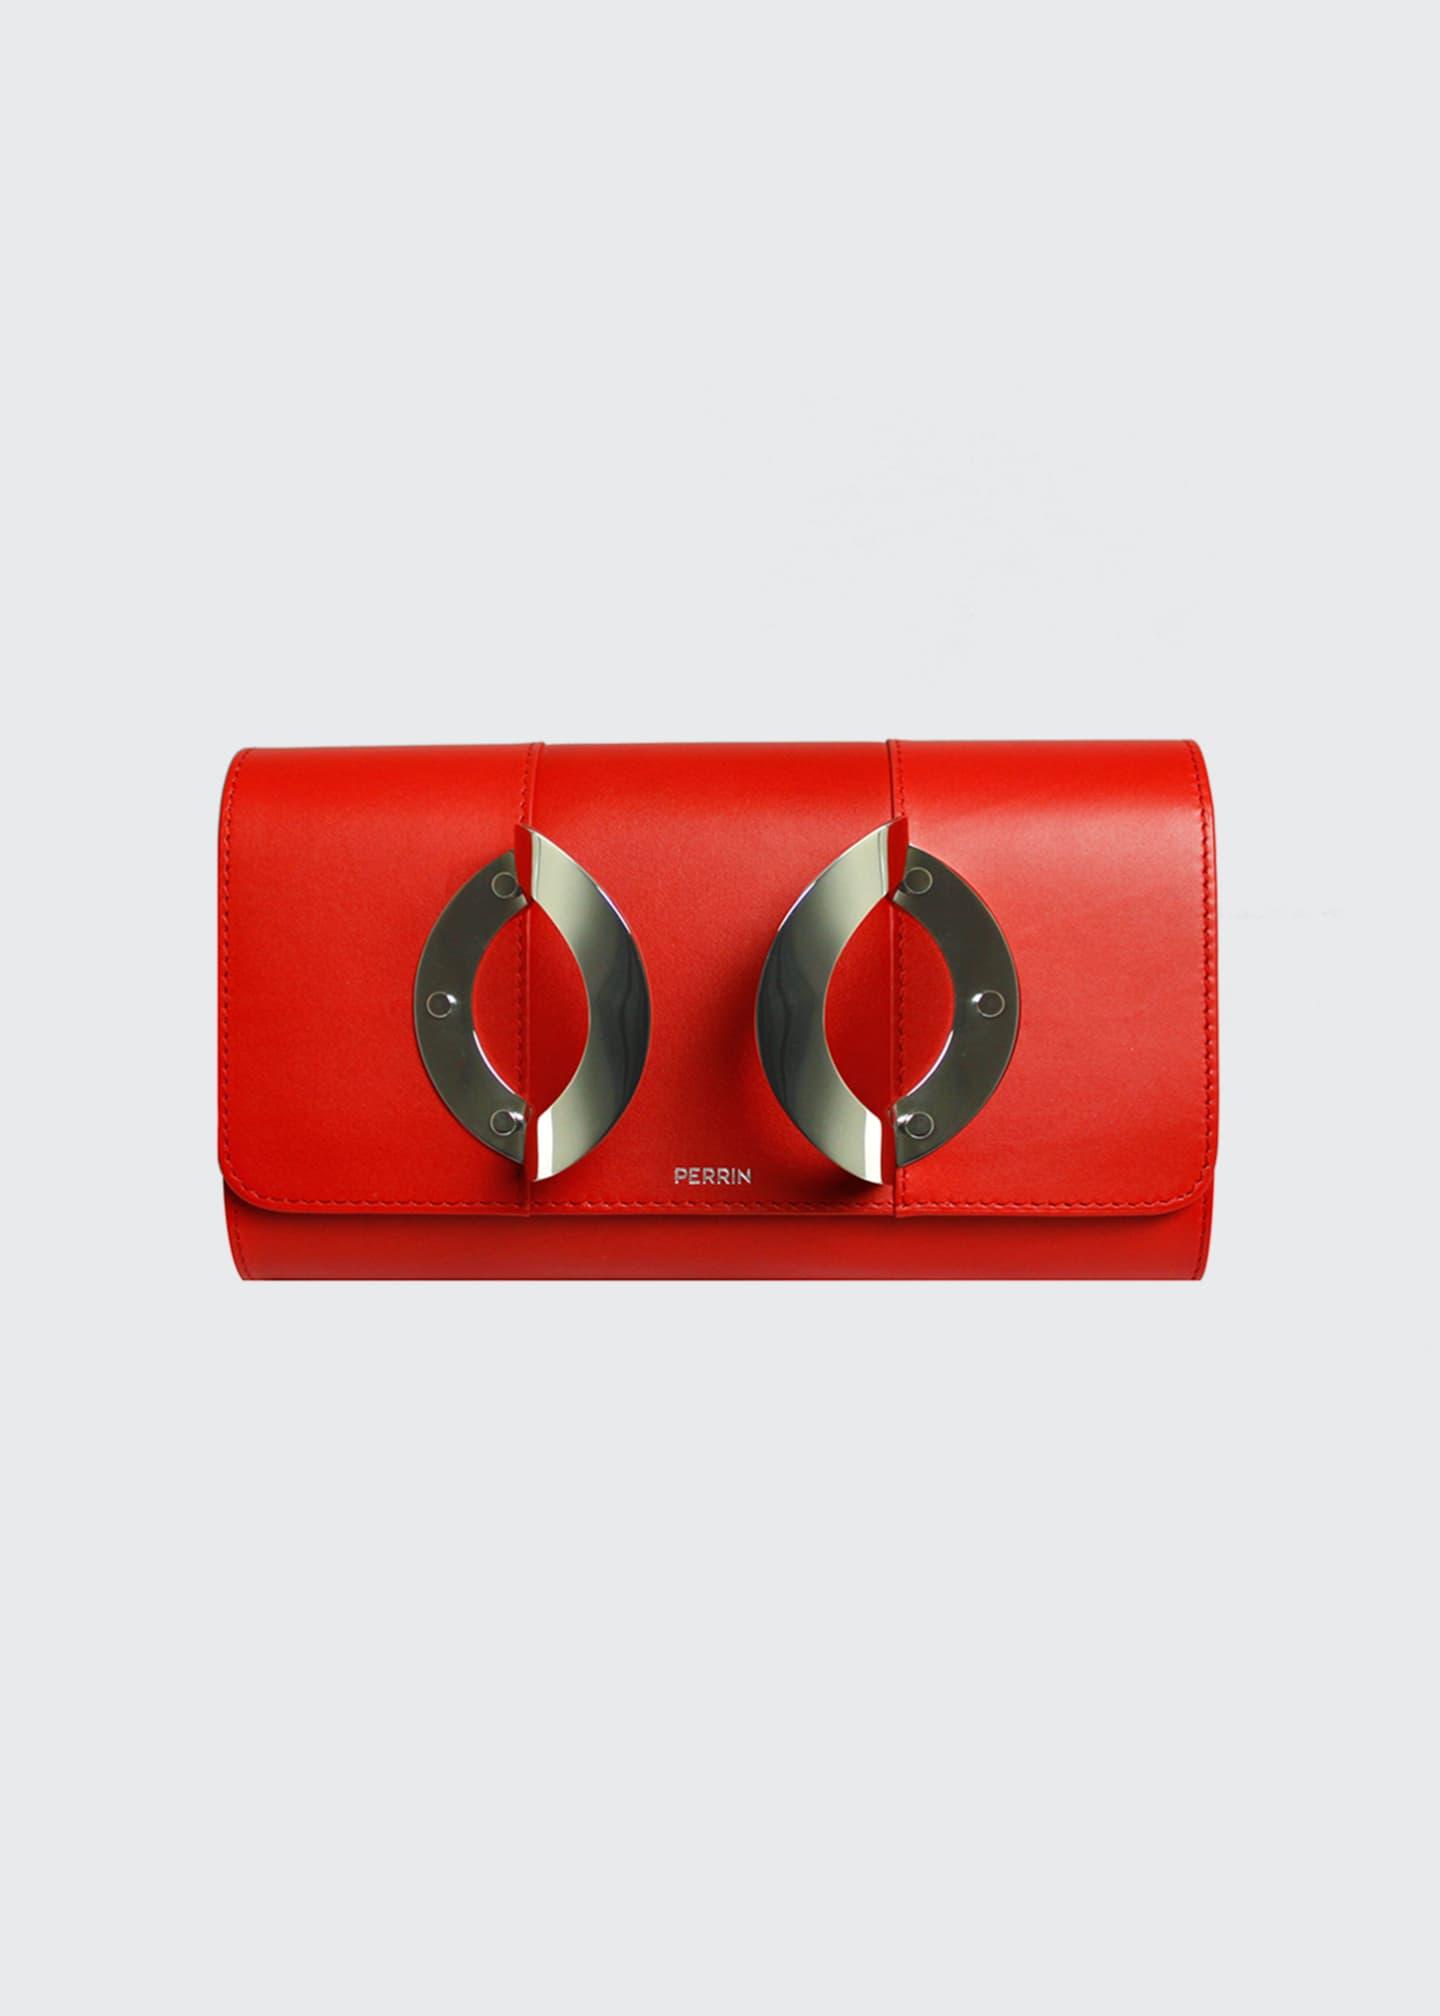 Perrin Paris La Croisiere Leather Clutch Bag